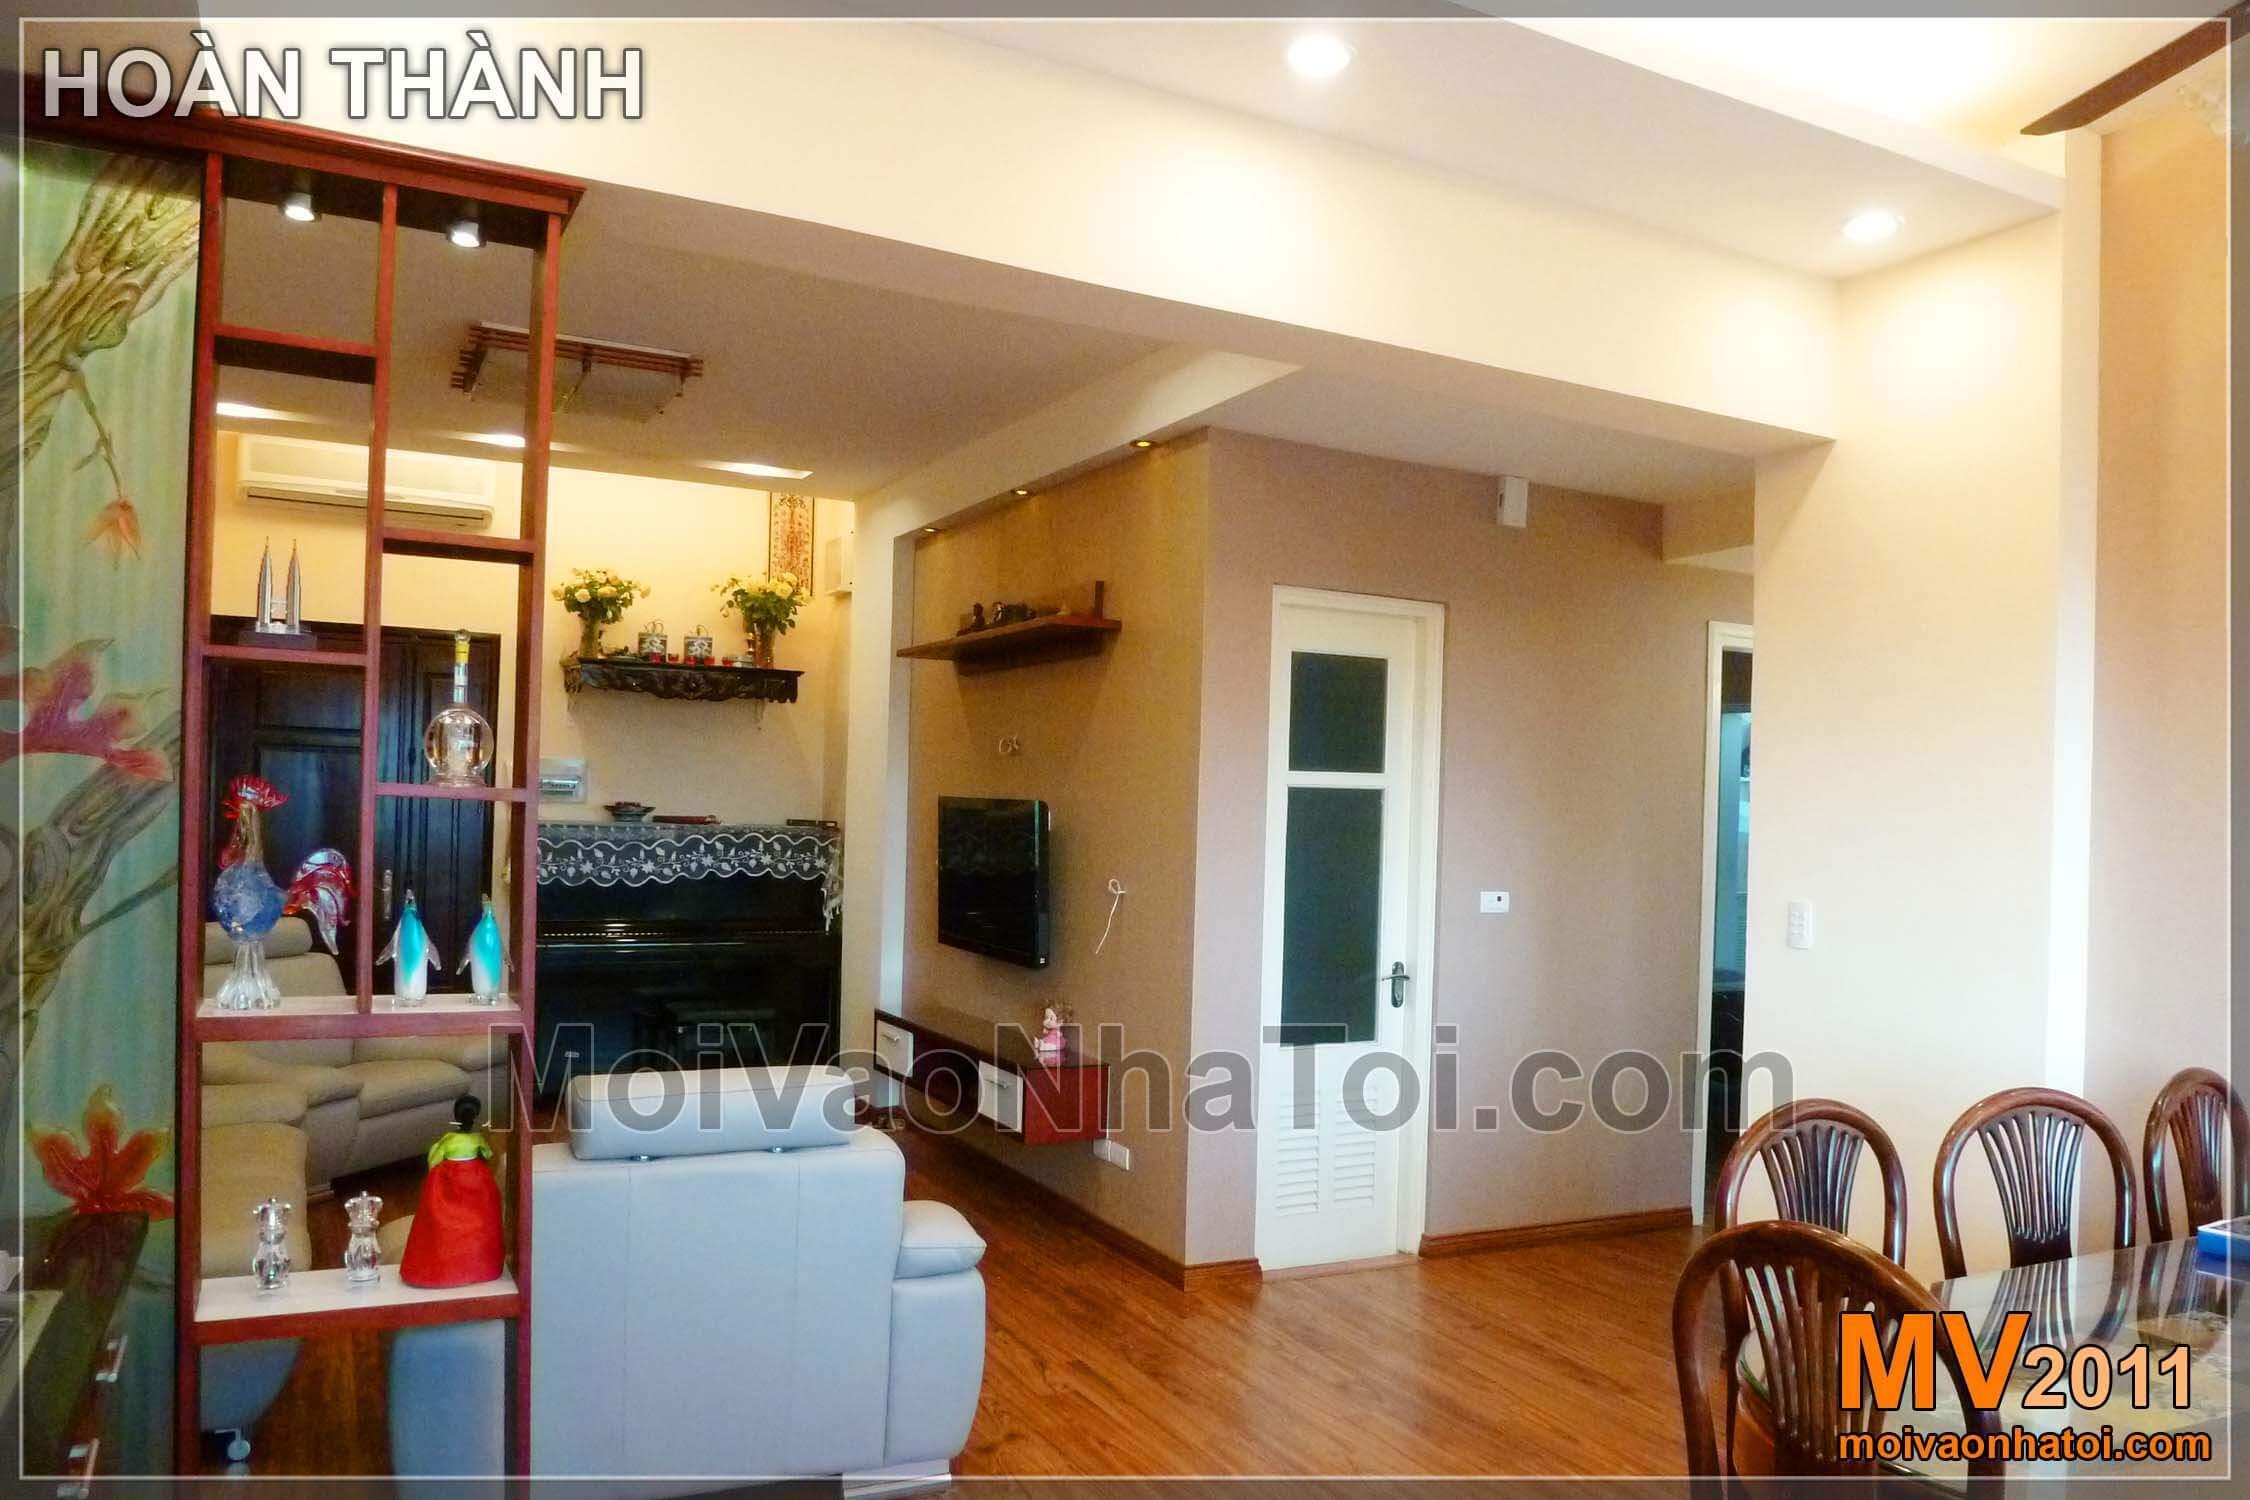 Hoàn thành nội thất phòng khách và bếp